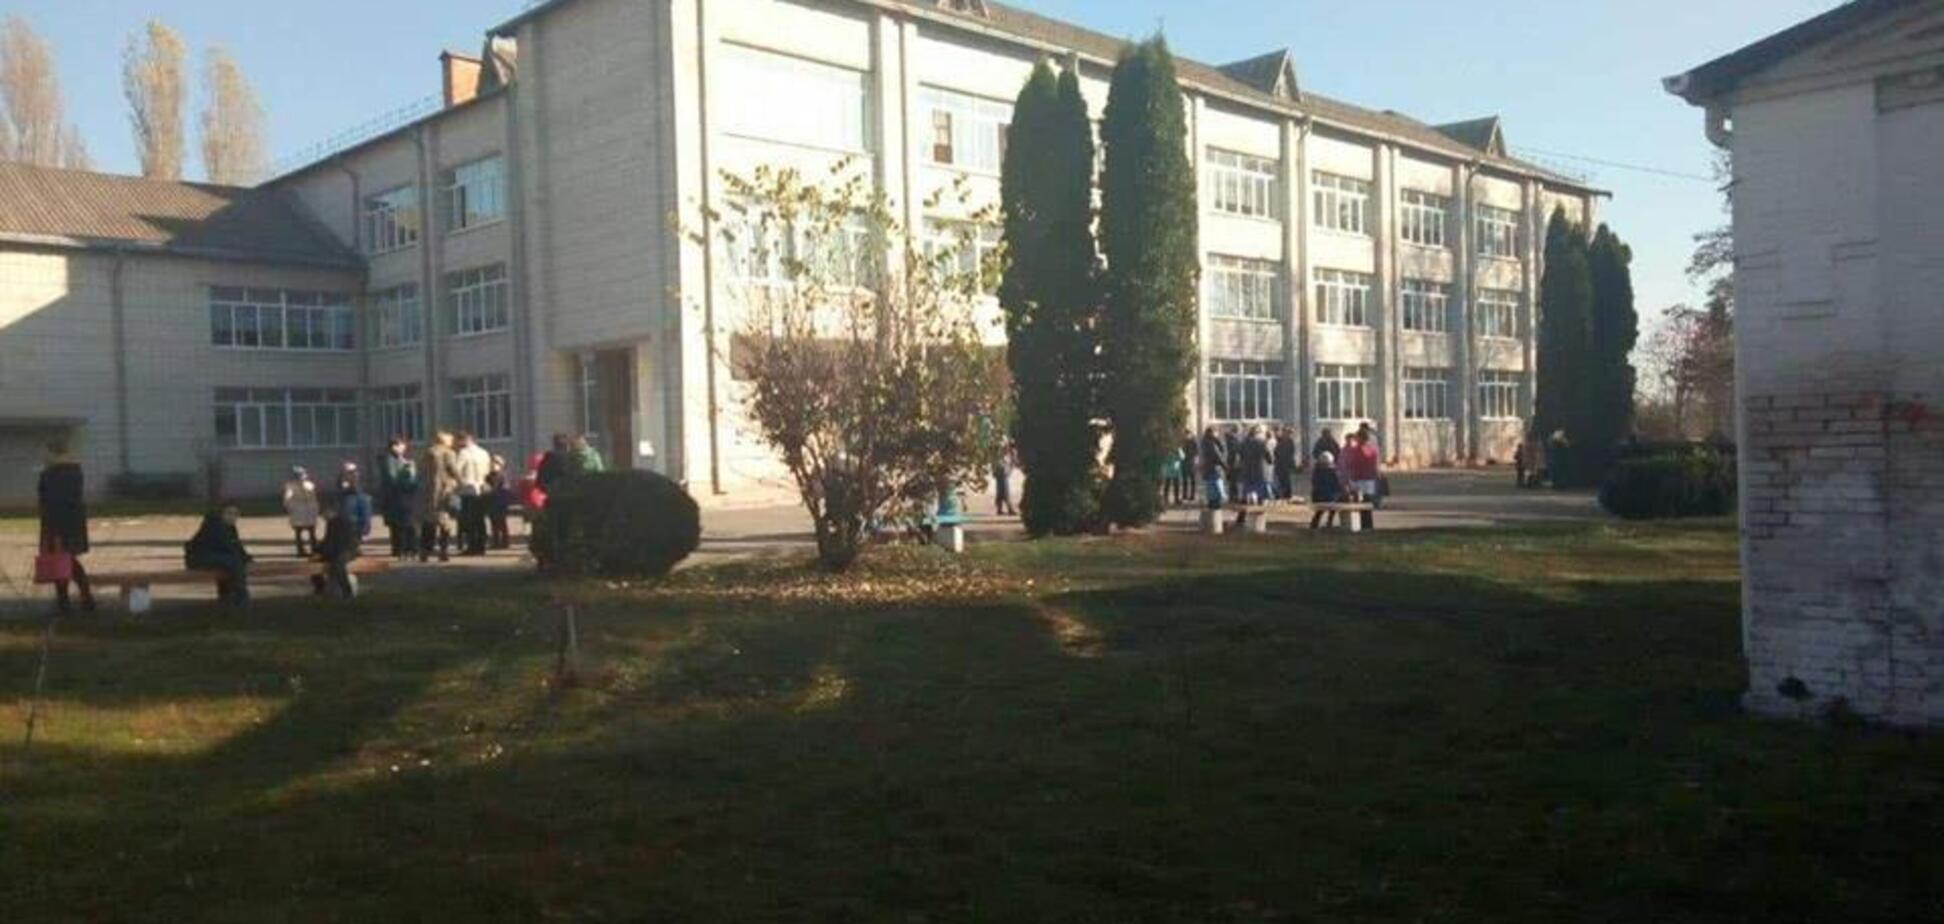 У школі під Києвом розпилили газ: дітей масово евакуювали, є постраждалі